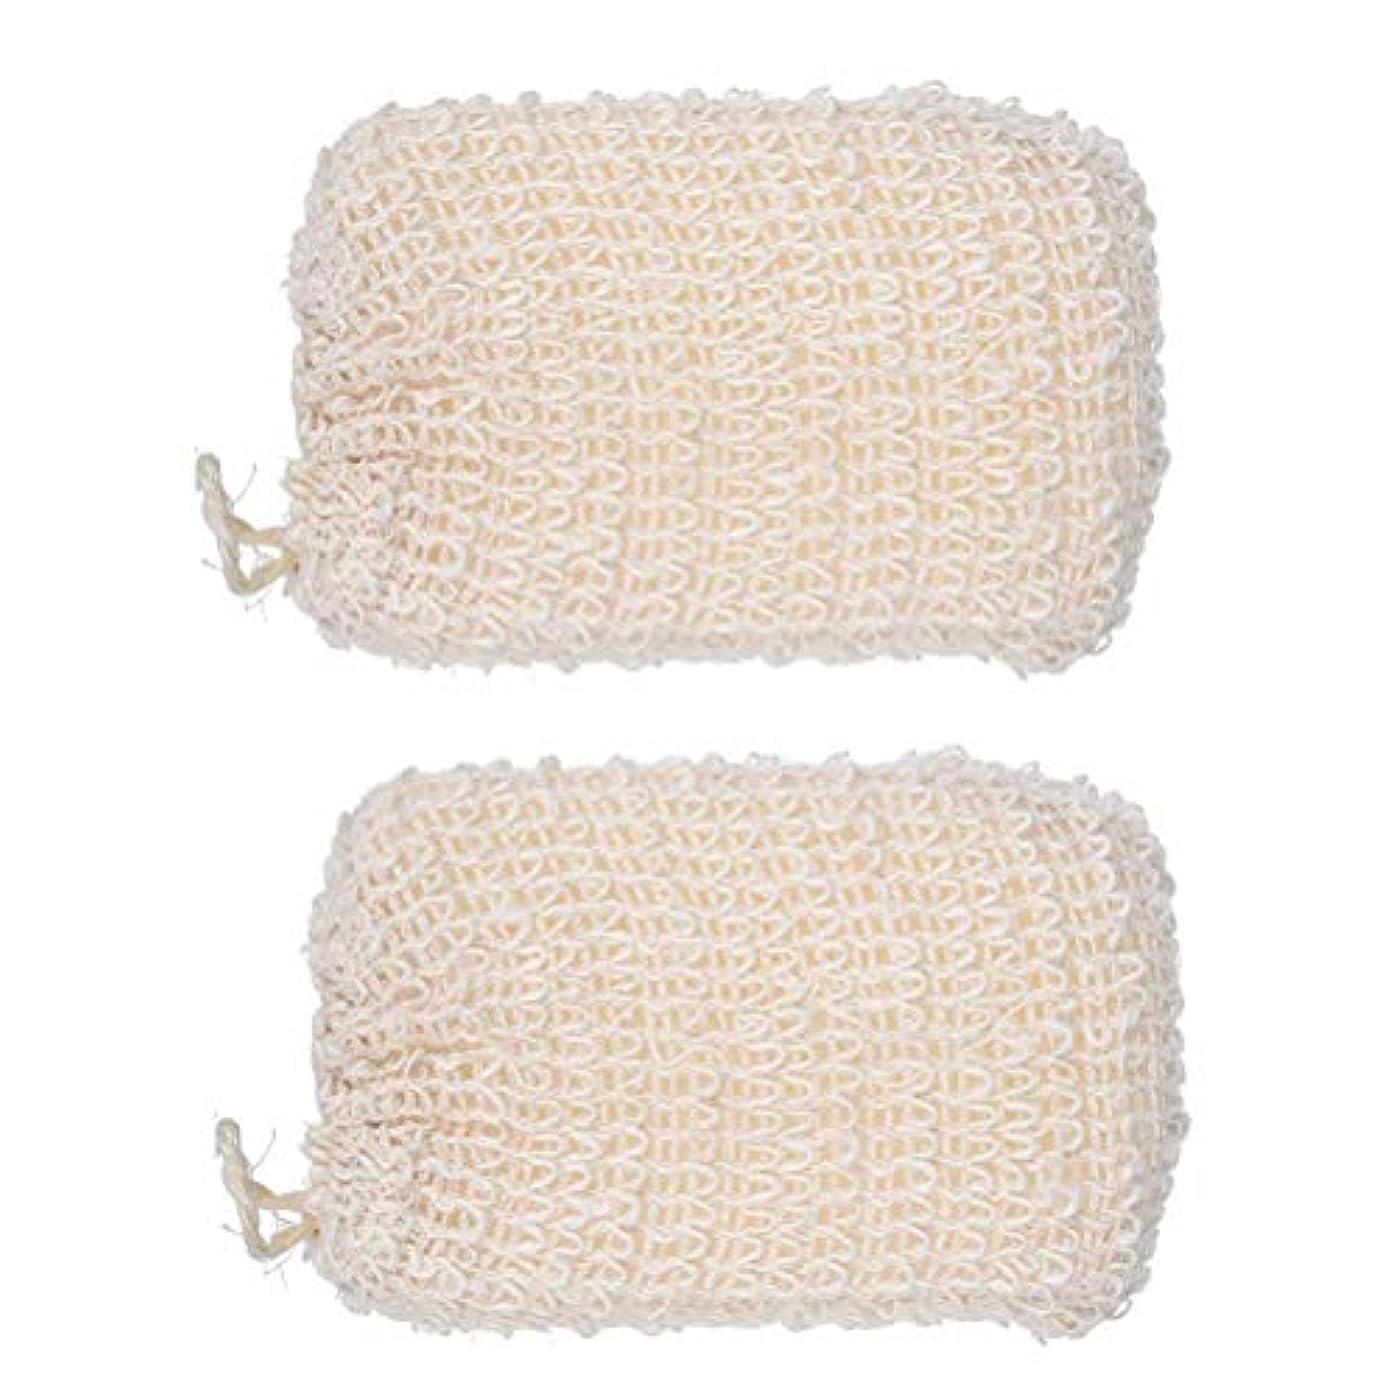 膜登録するミルBeaupretty 2ピース風呂スポンジ植物綿とリネン風呂ブラシ柔らかい風呂スポンジスクラバー用女性赤ちゃん子供(ベージュ)